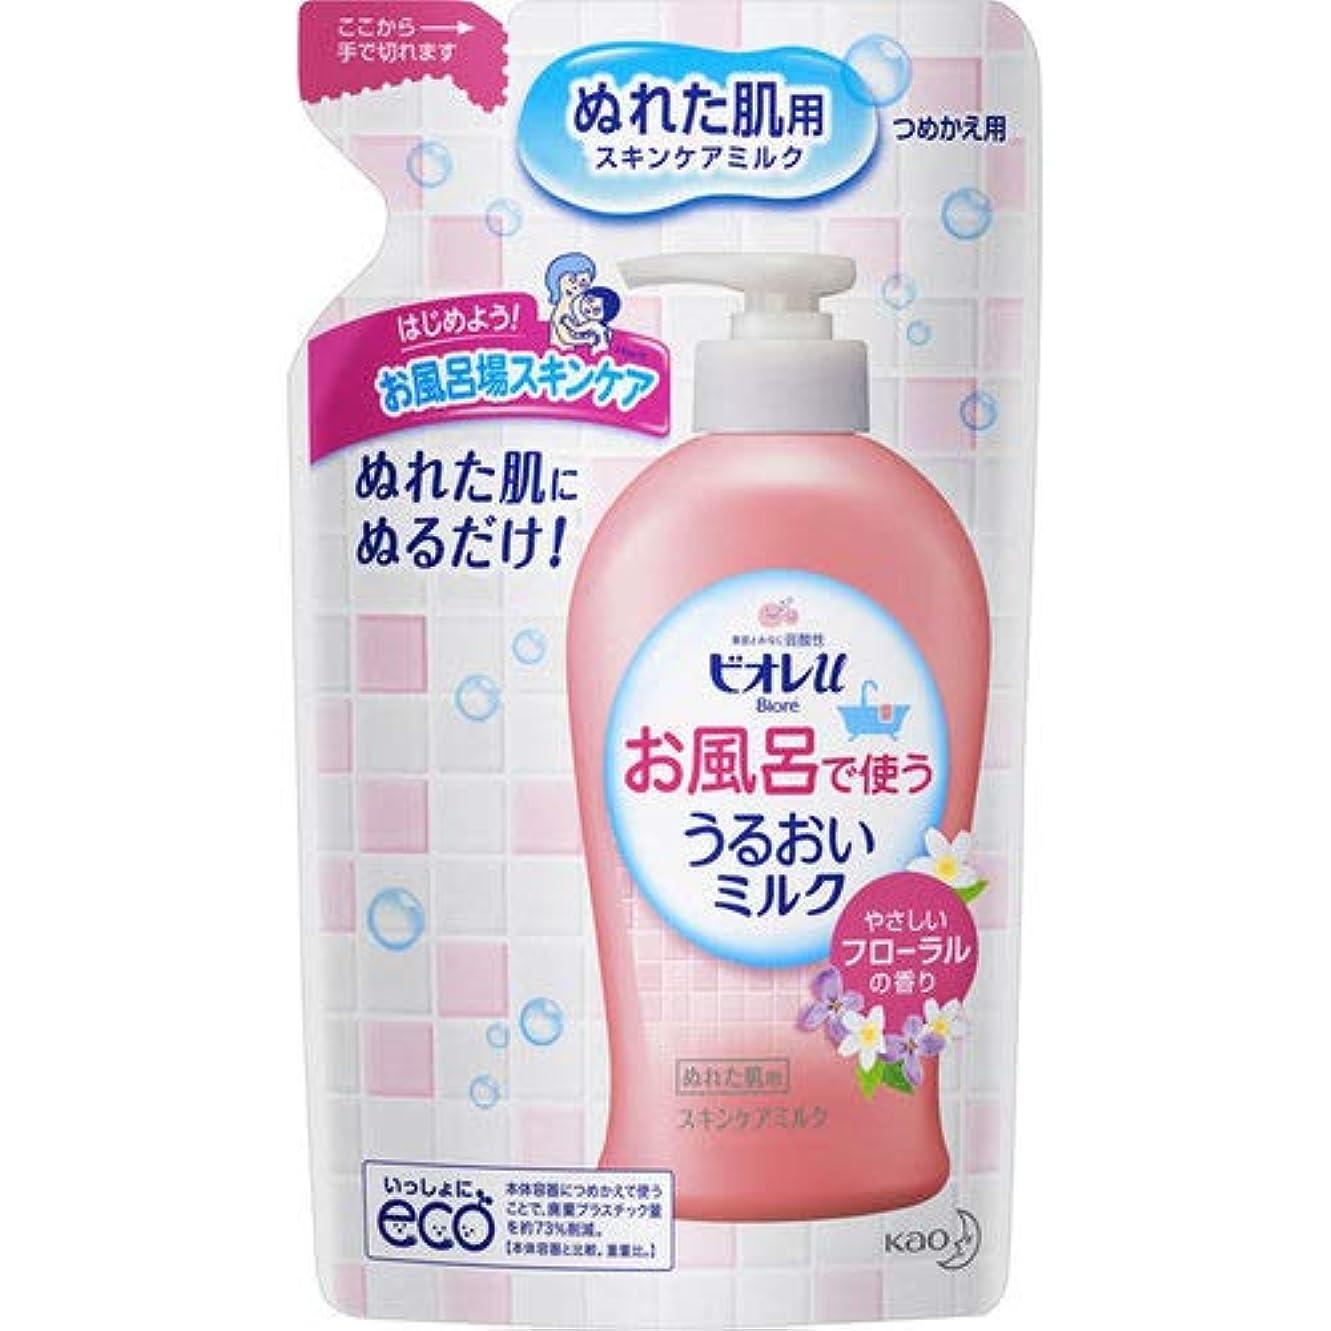 テセウス検出可能美しいビオレu お風呂で使ううるおいミルク フローラル つめかえ用 250mL